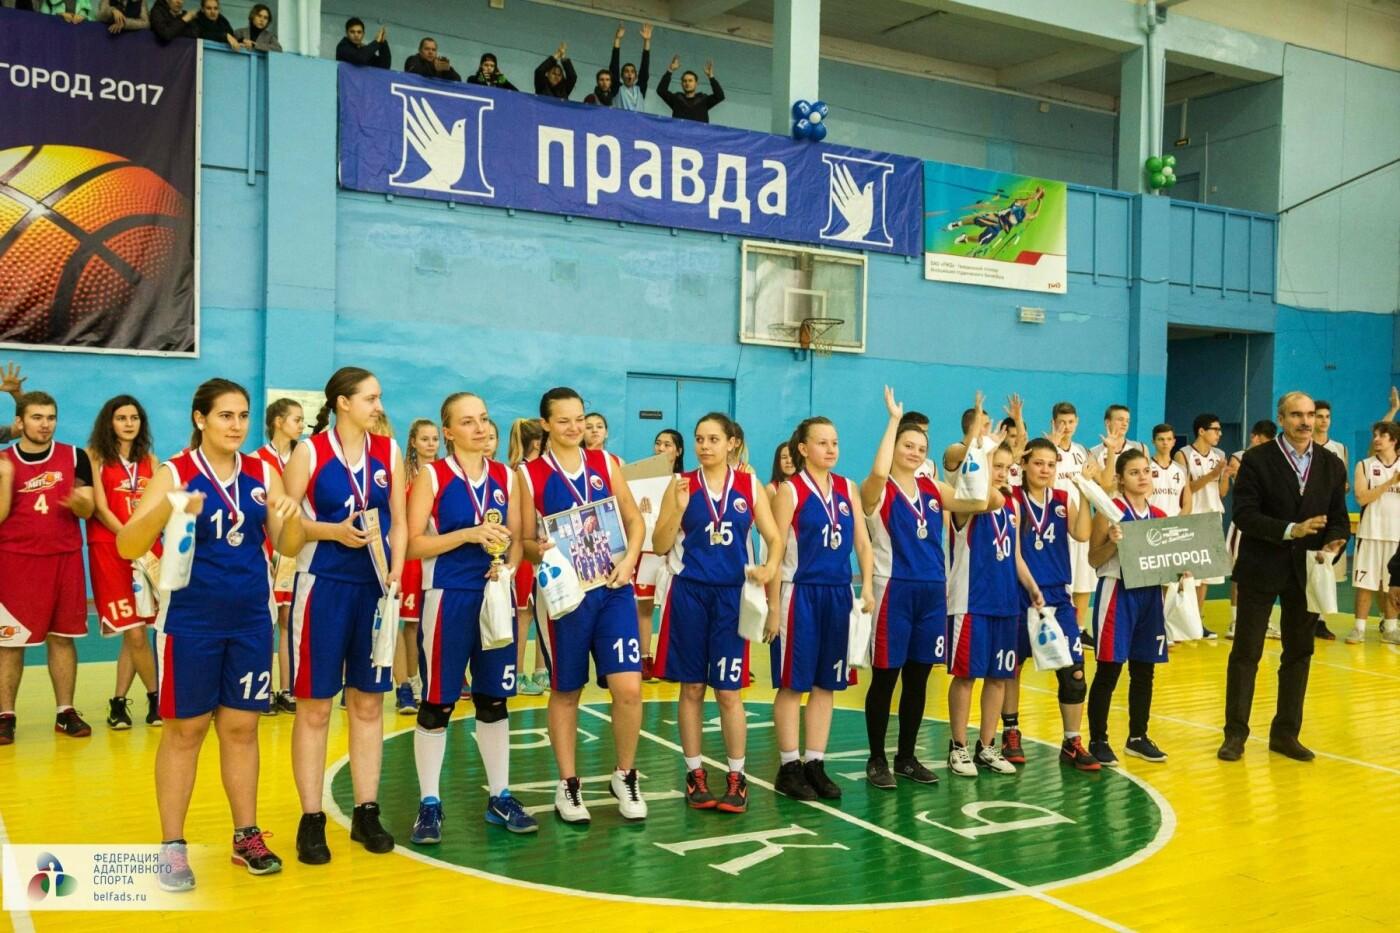 В Белгороде завершилось Первенство России по баскетболу среди глухих, фото-14